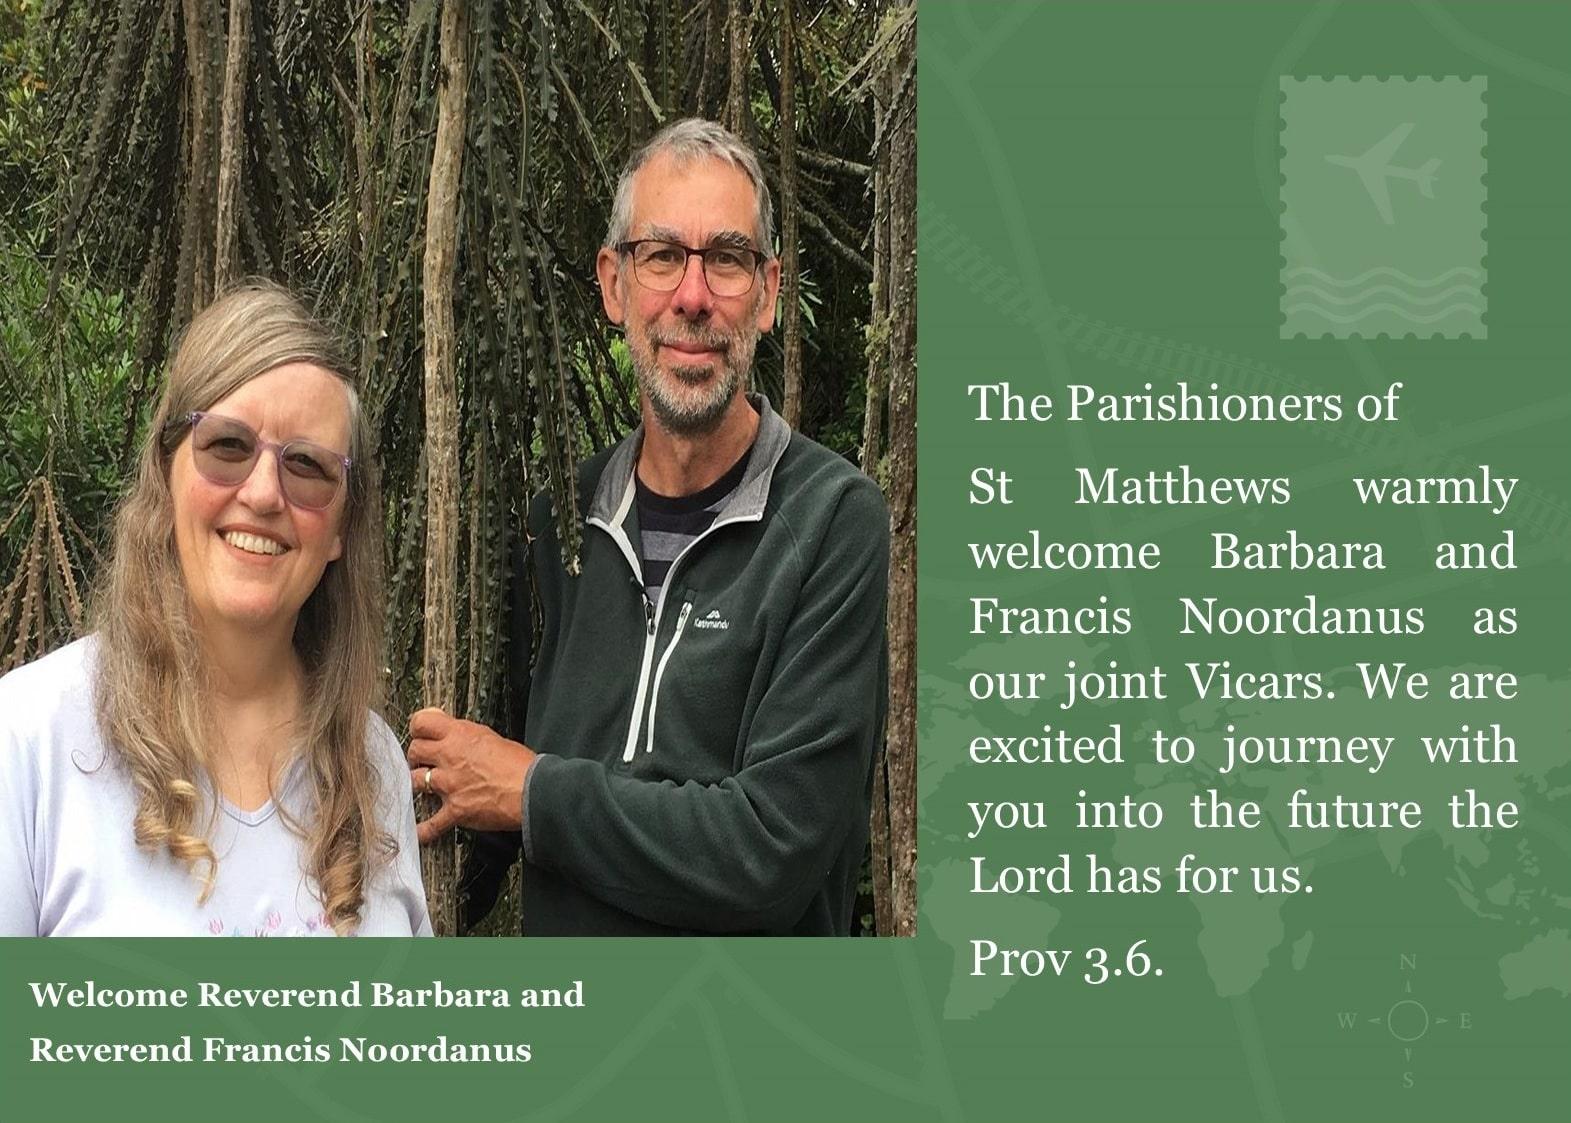 Reverands Barbara and Francis Noordanus